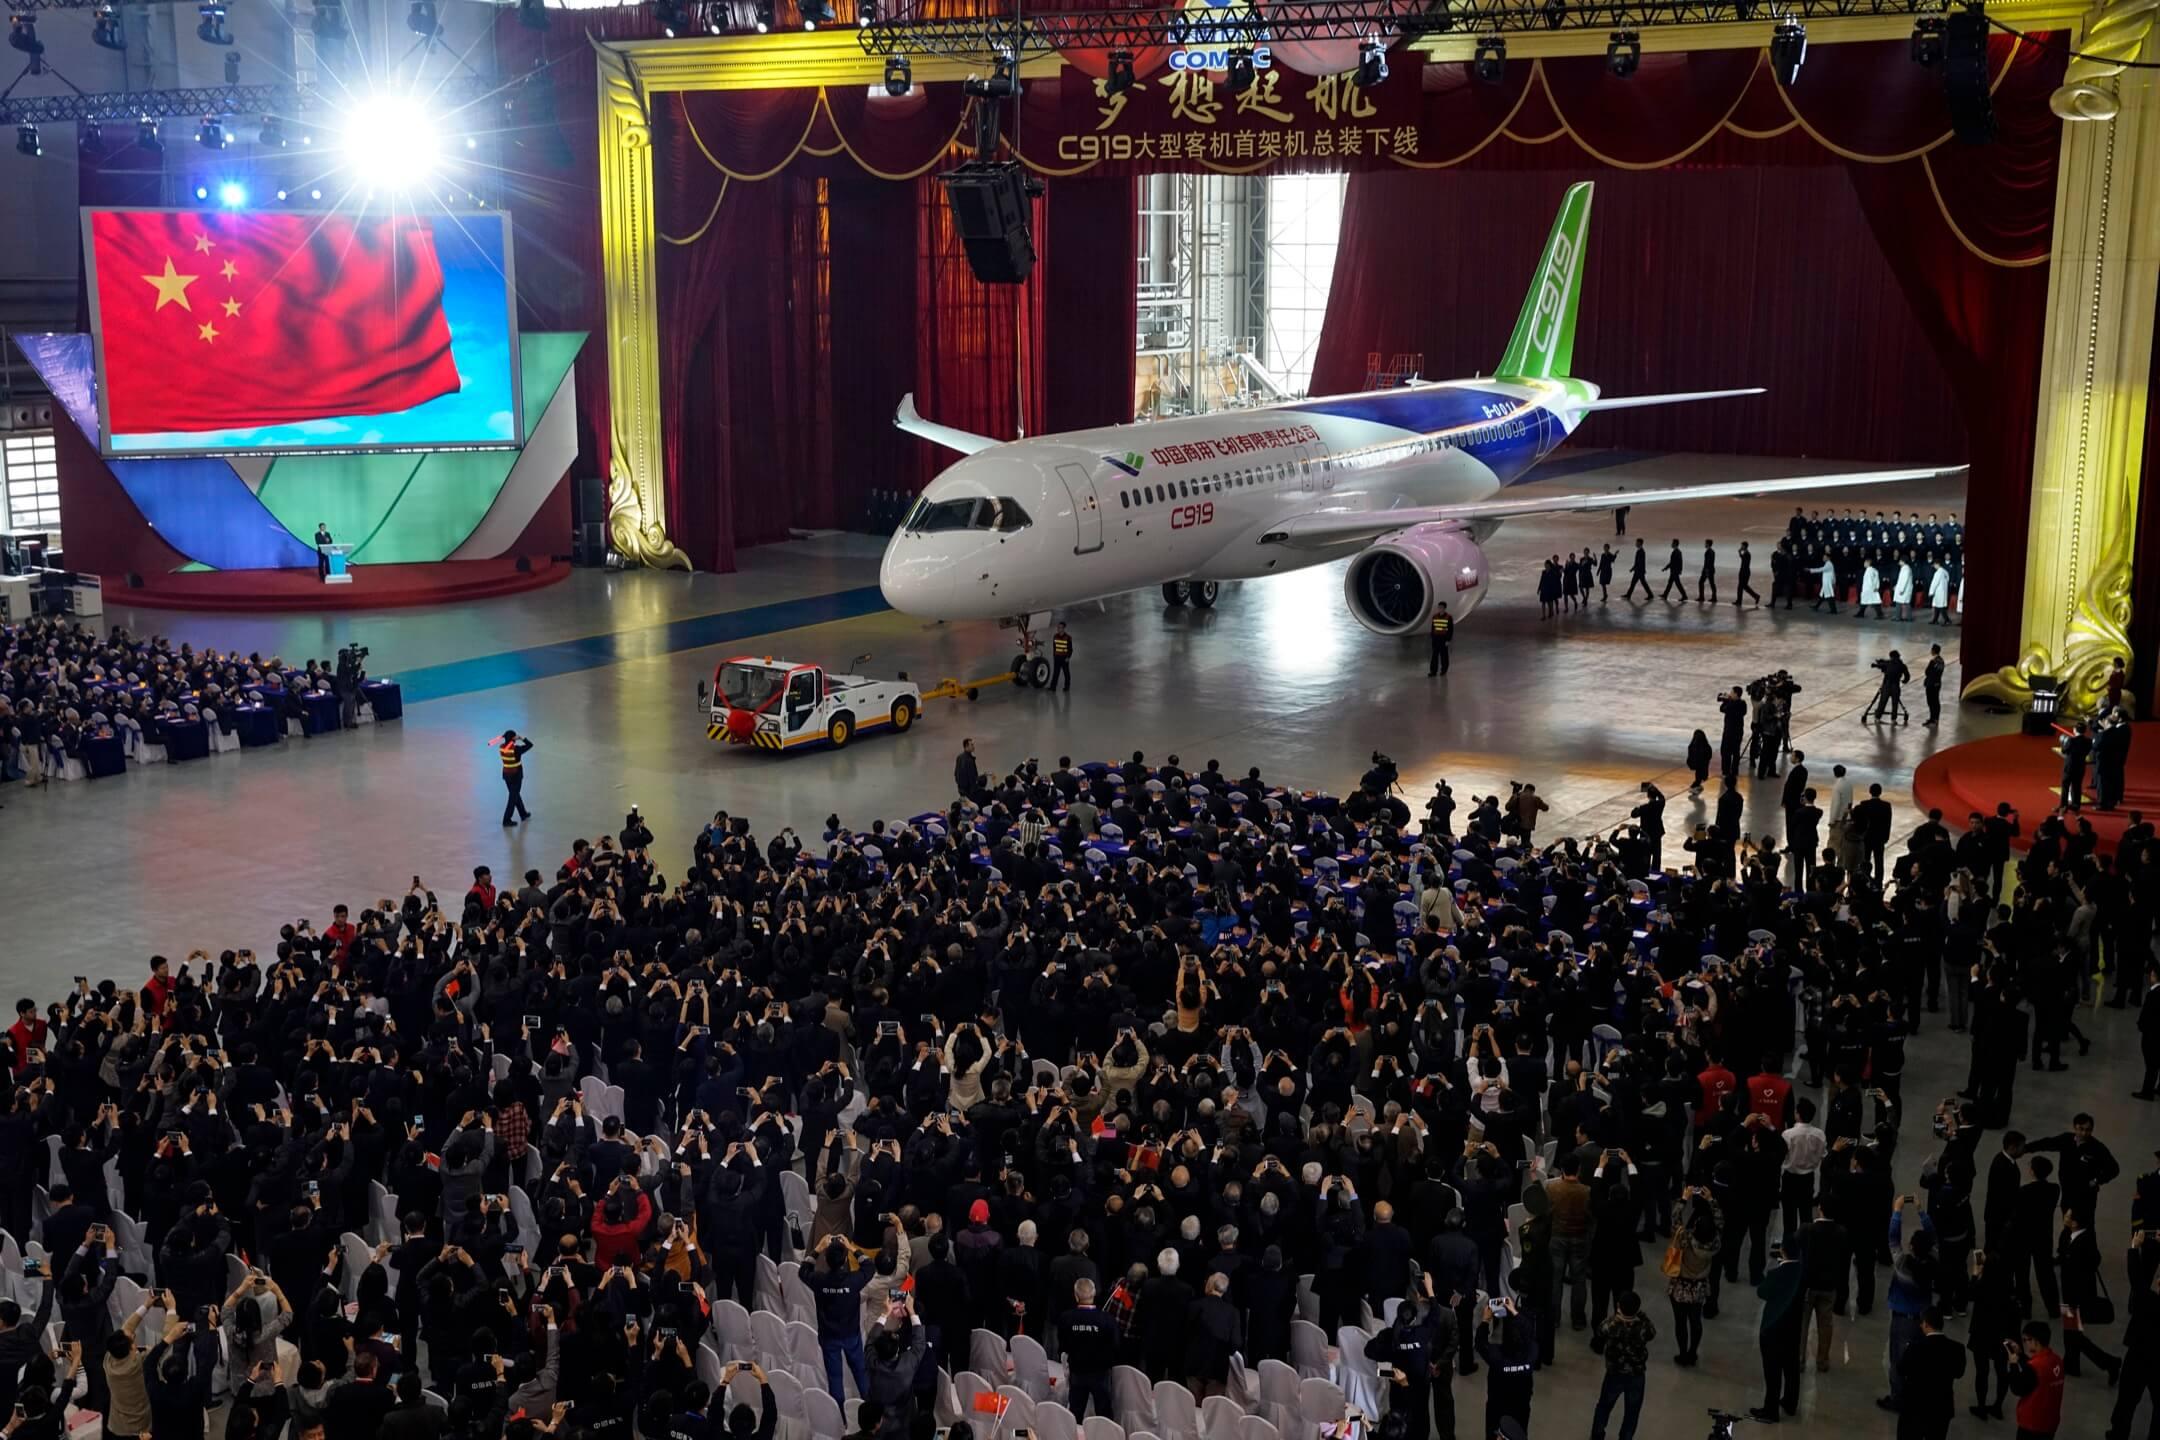 2015年,中國商飛製造的首架幹線大型客機C919。 攝:VCG/Getty Images